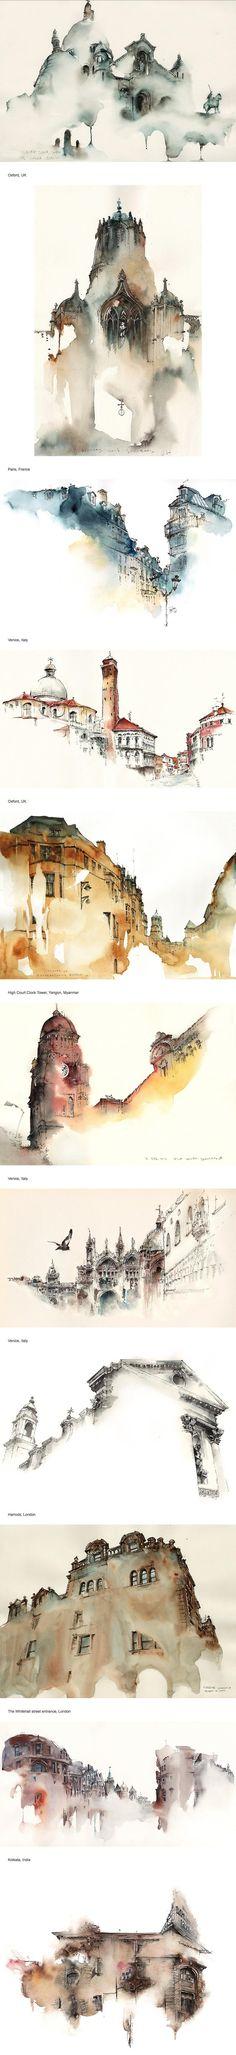 Un esquisse qui capture l'esentiel en détail et sugère le reste. En utilisant deux ou trois couleurs, l'artiste a réussi a évoquer l'esprit de chaque ville. J'adore!